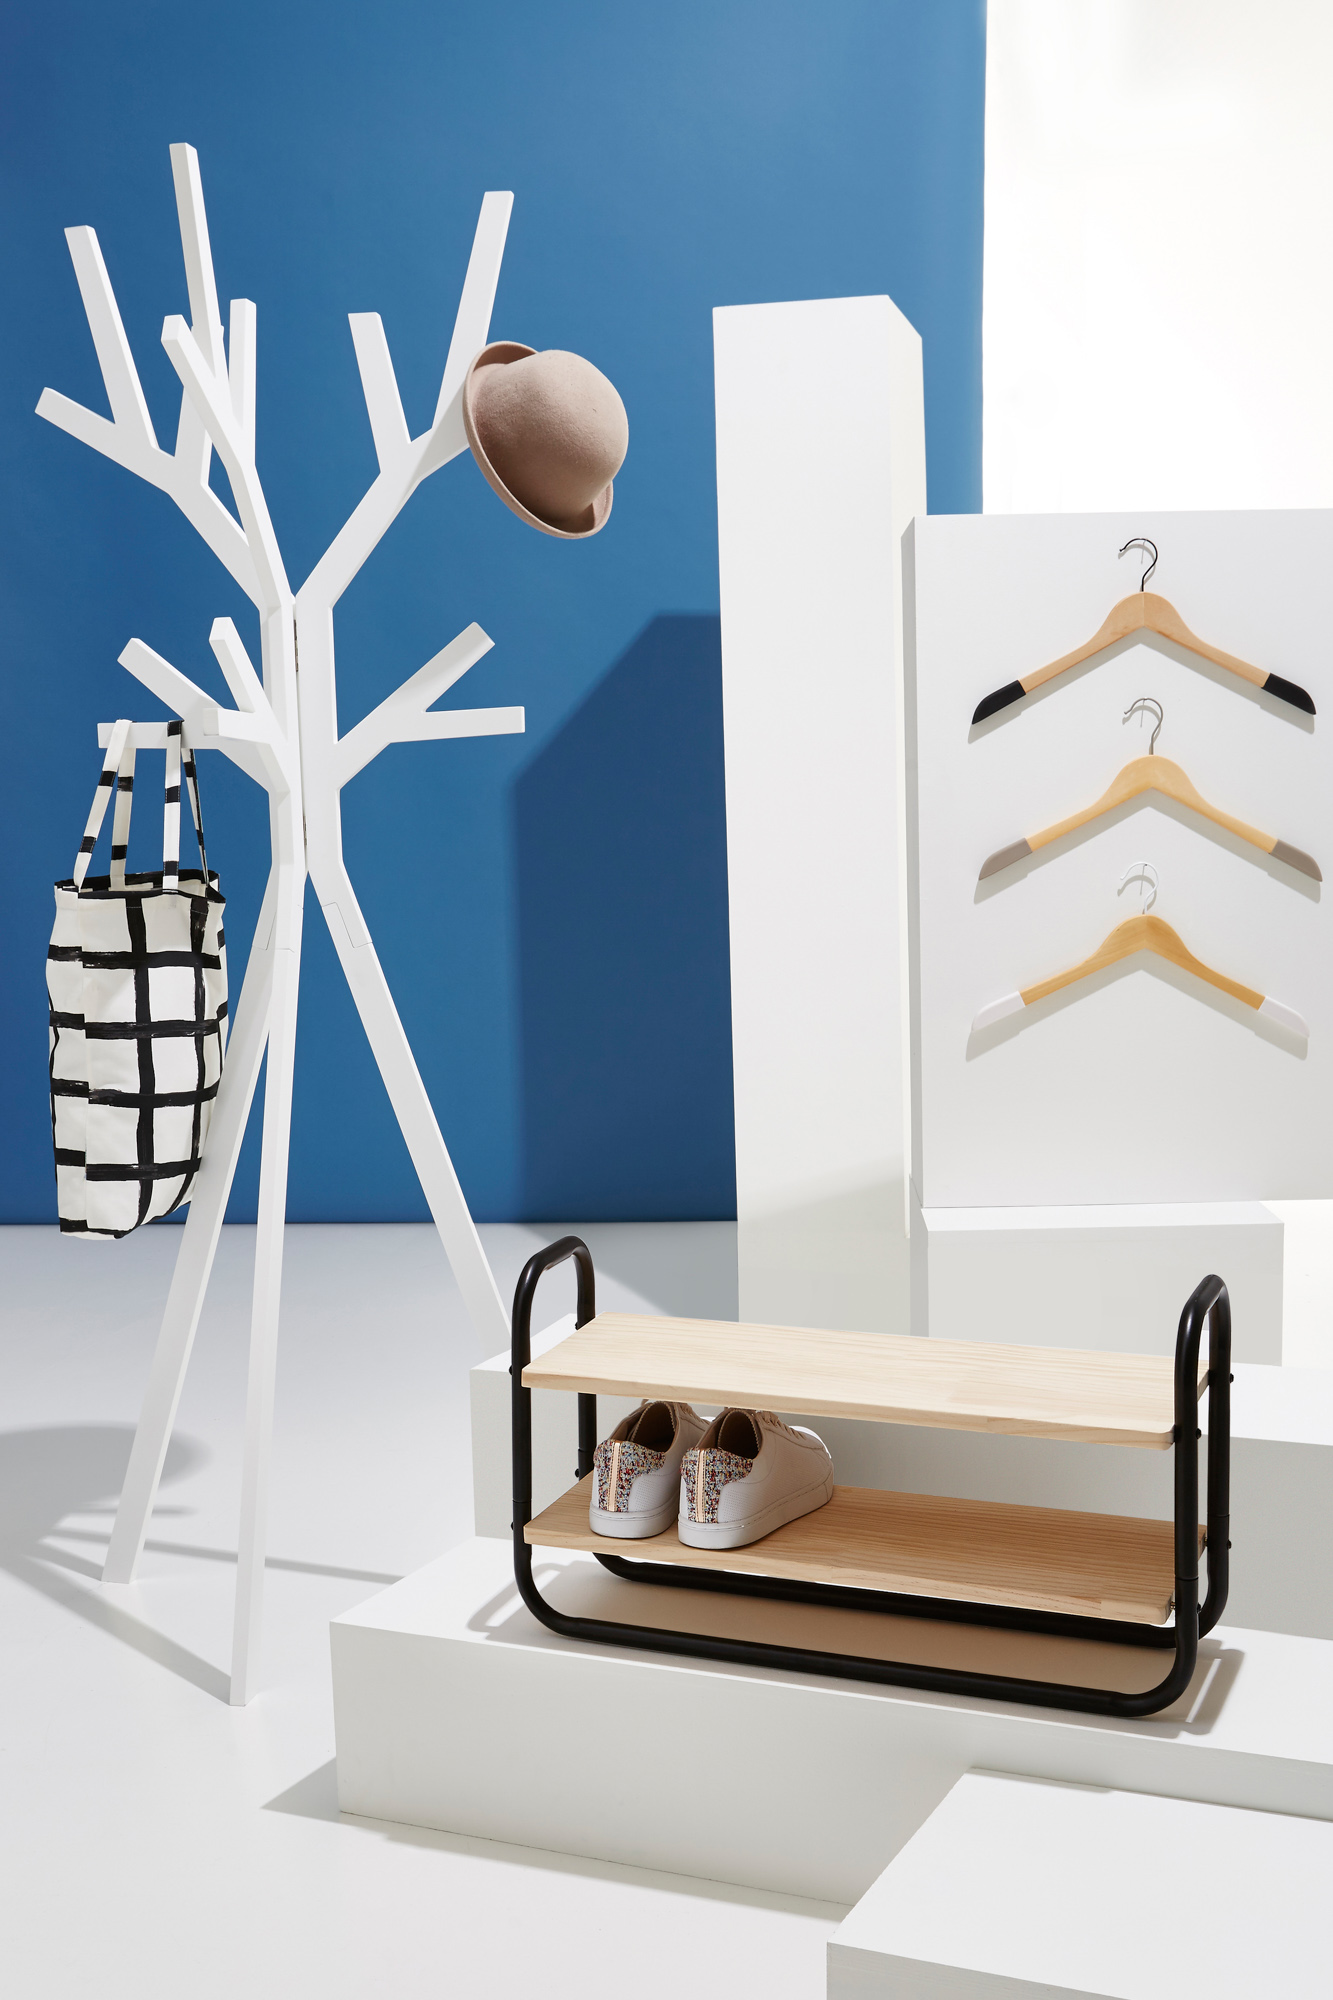 Photo de produit décoratif pour catalogue site e-commerce et magazine pour utilisation publicité